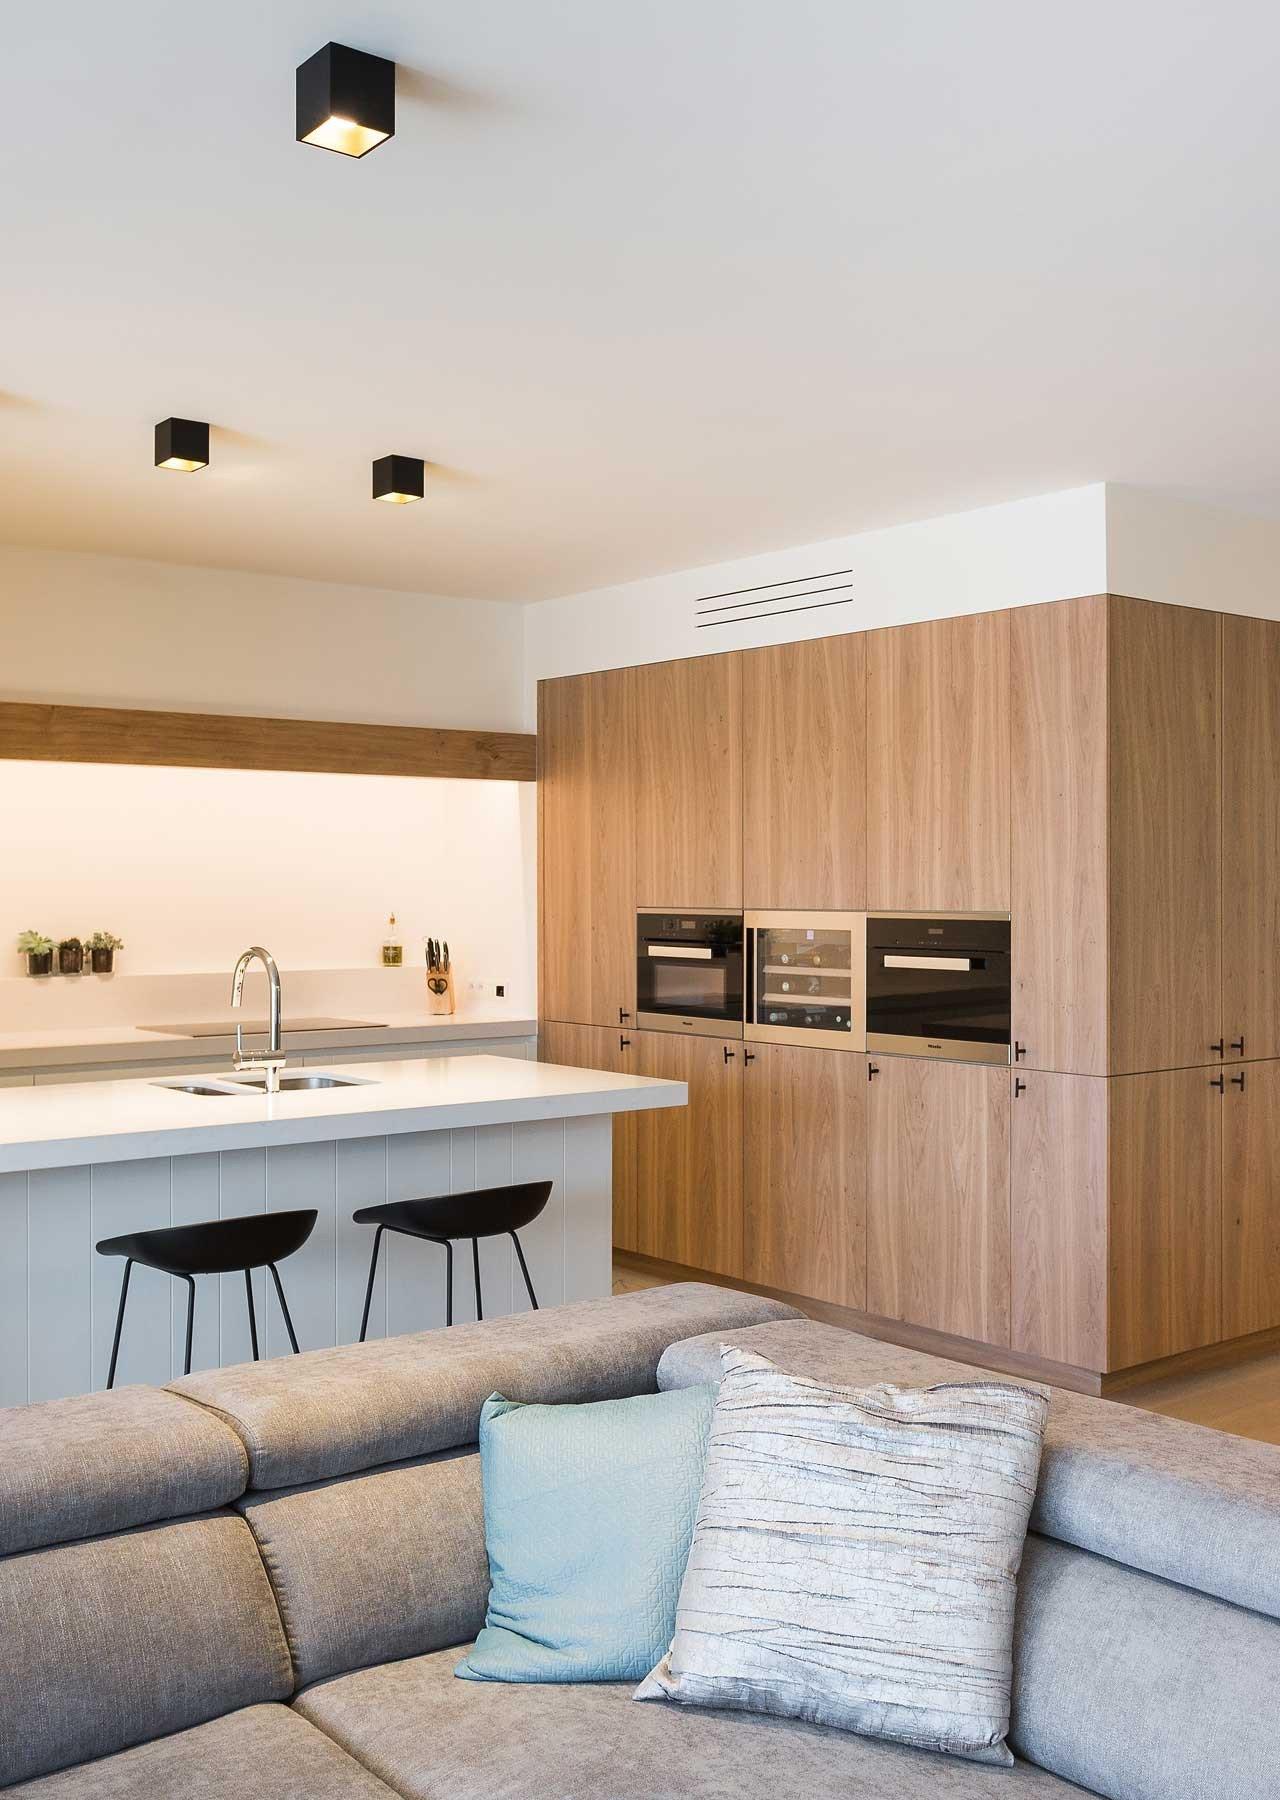 Totaalinrichting-appartement-Kortrijk-5.jpg